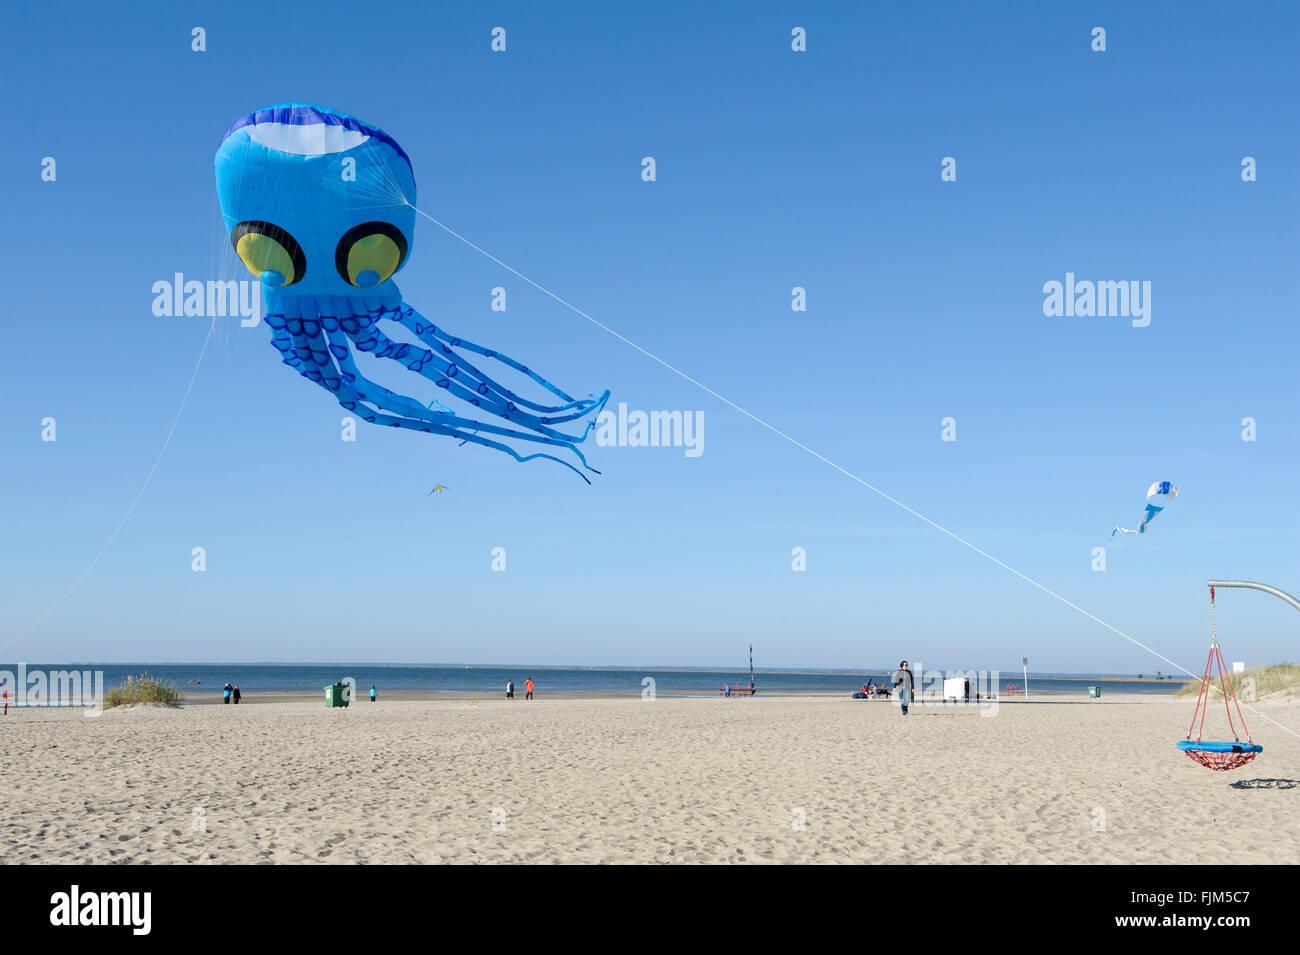 Geografía / viajes, Estonia, Pärnu, playas, cometa en forma de un pulpo, Additional-Rights-Clearance-Info Imagen De Stock